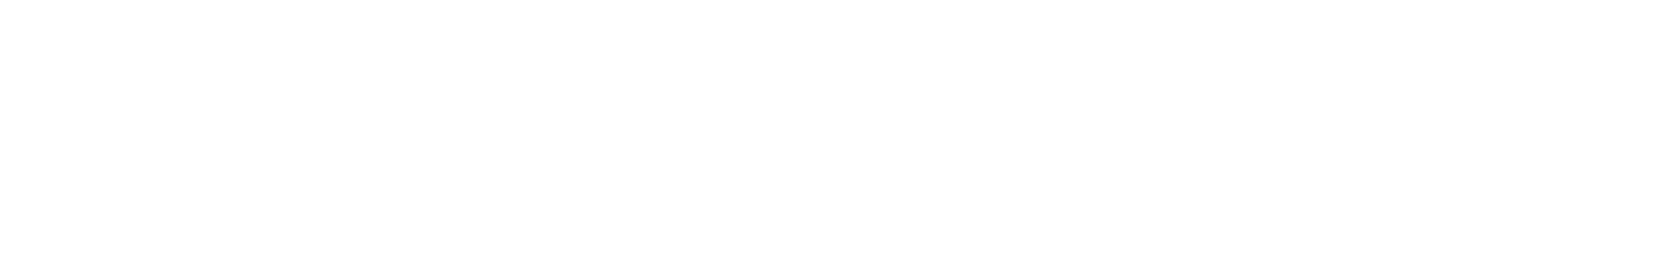 Vișinel Balan